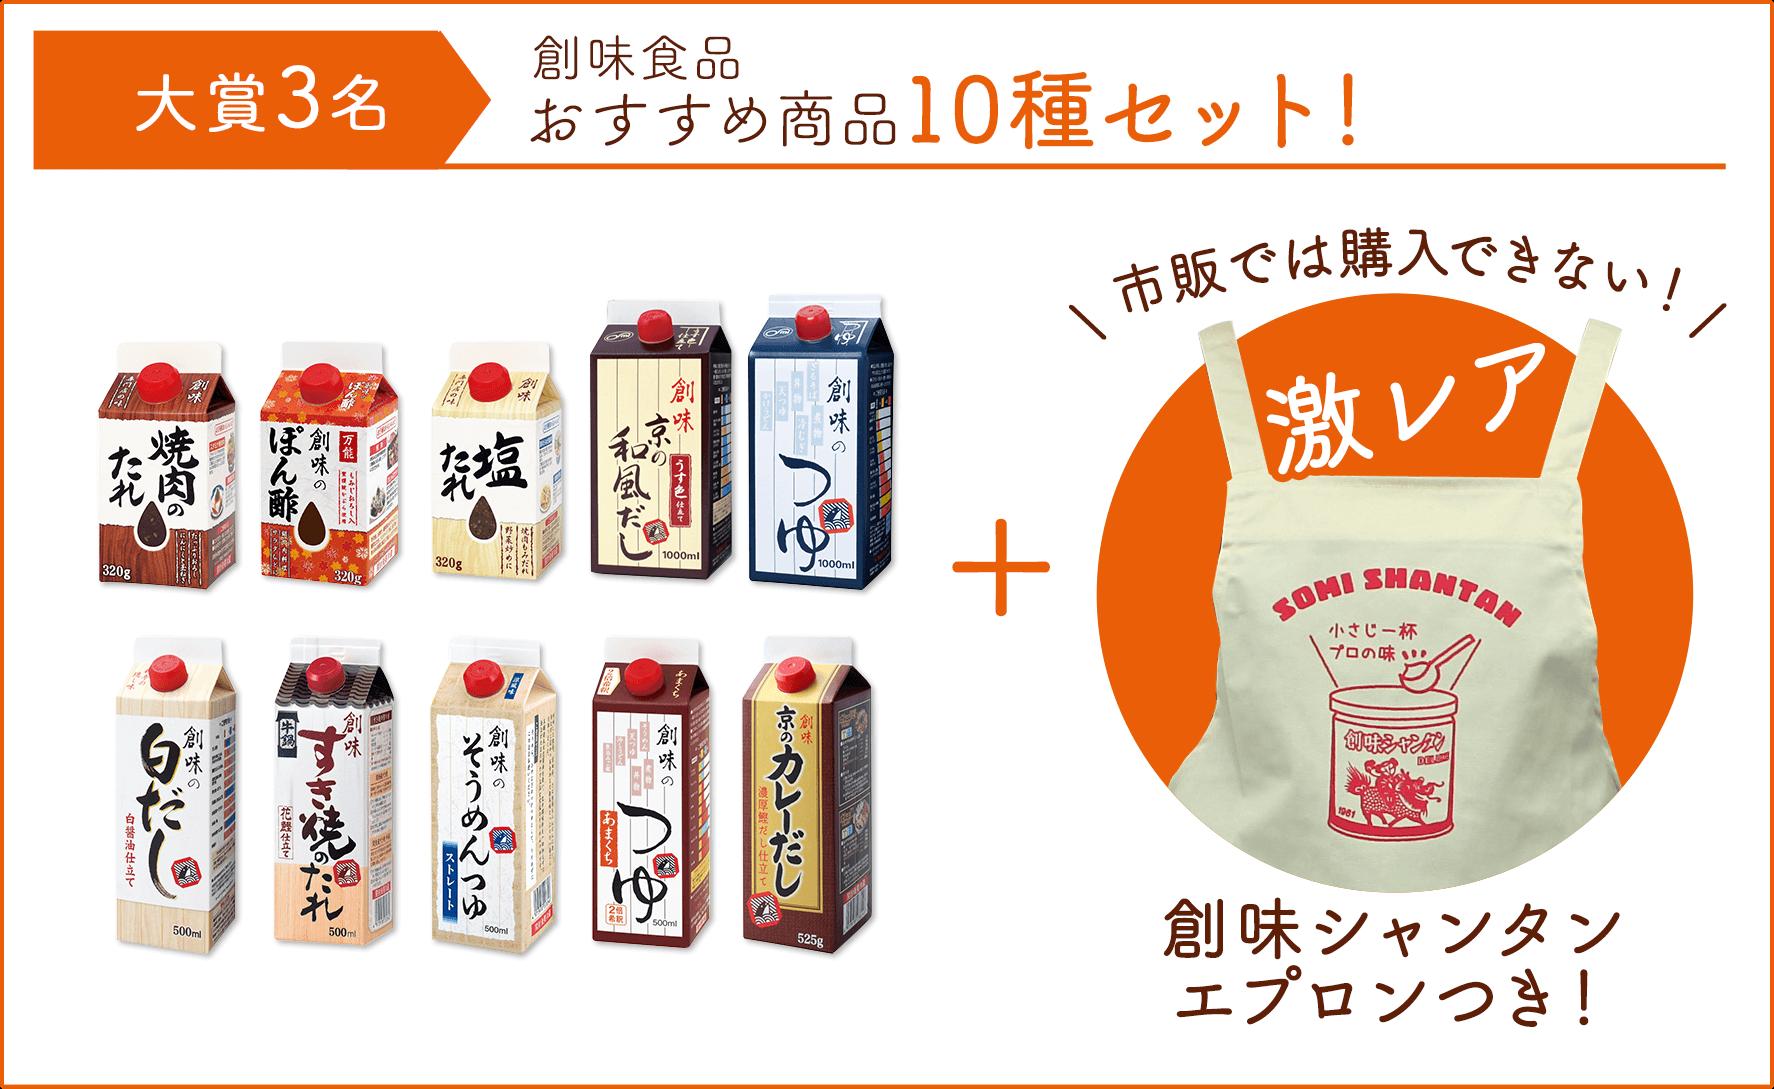 大賞3名創味食品おすすめ商品10種セット!市販では購入できない!激レア創味シャンタンエプロンつき!